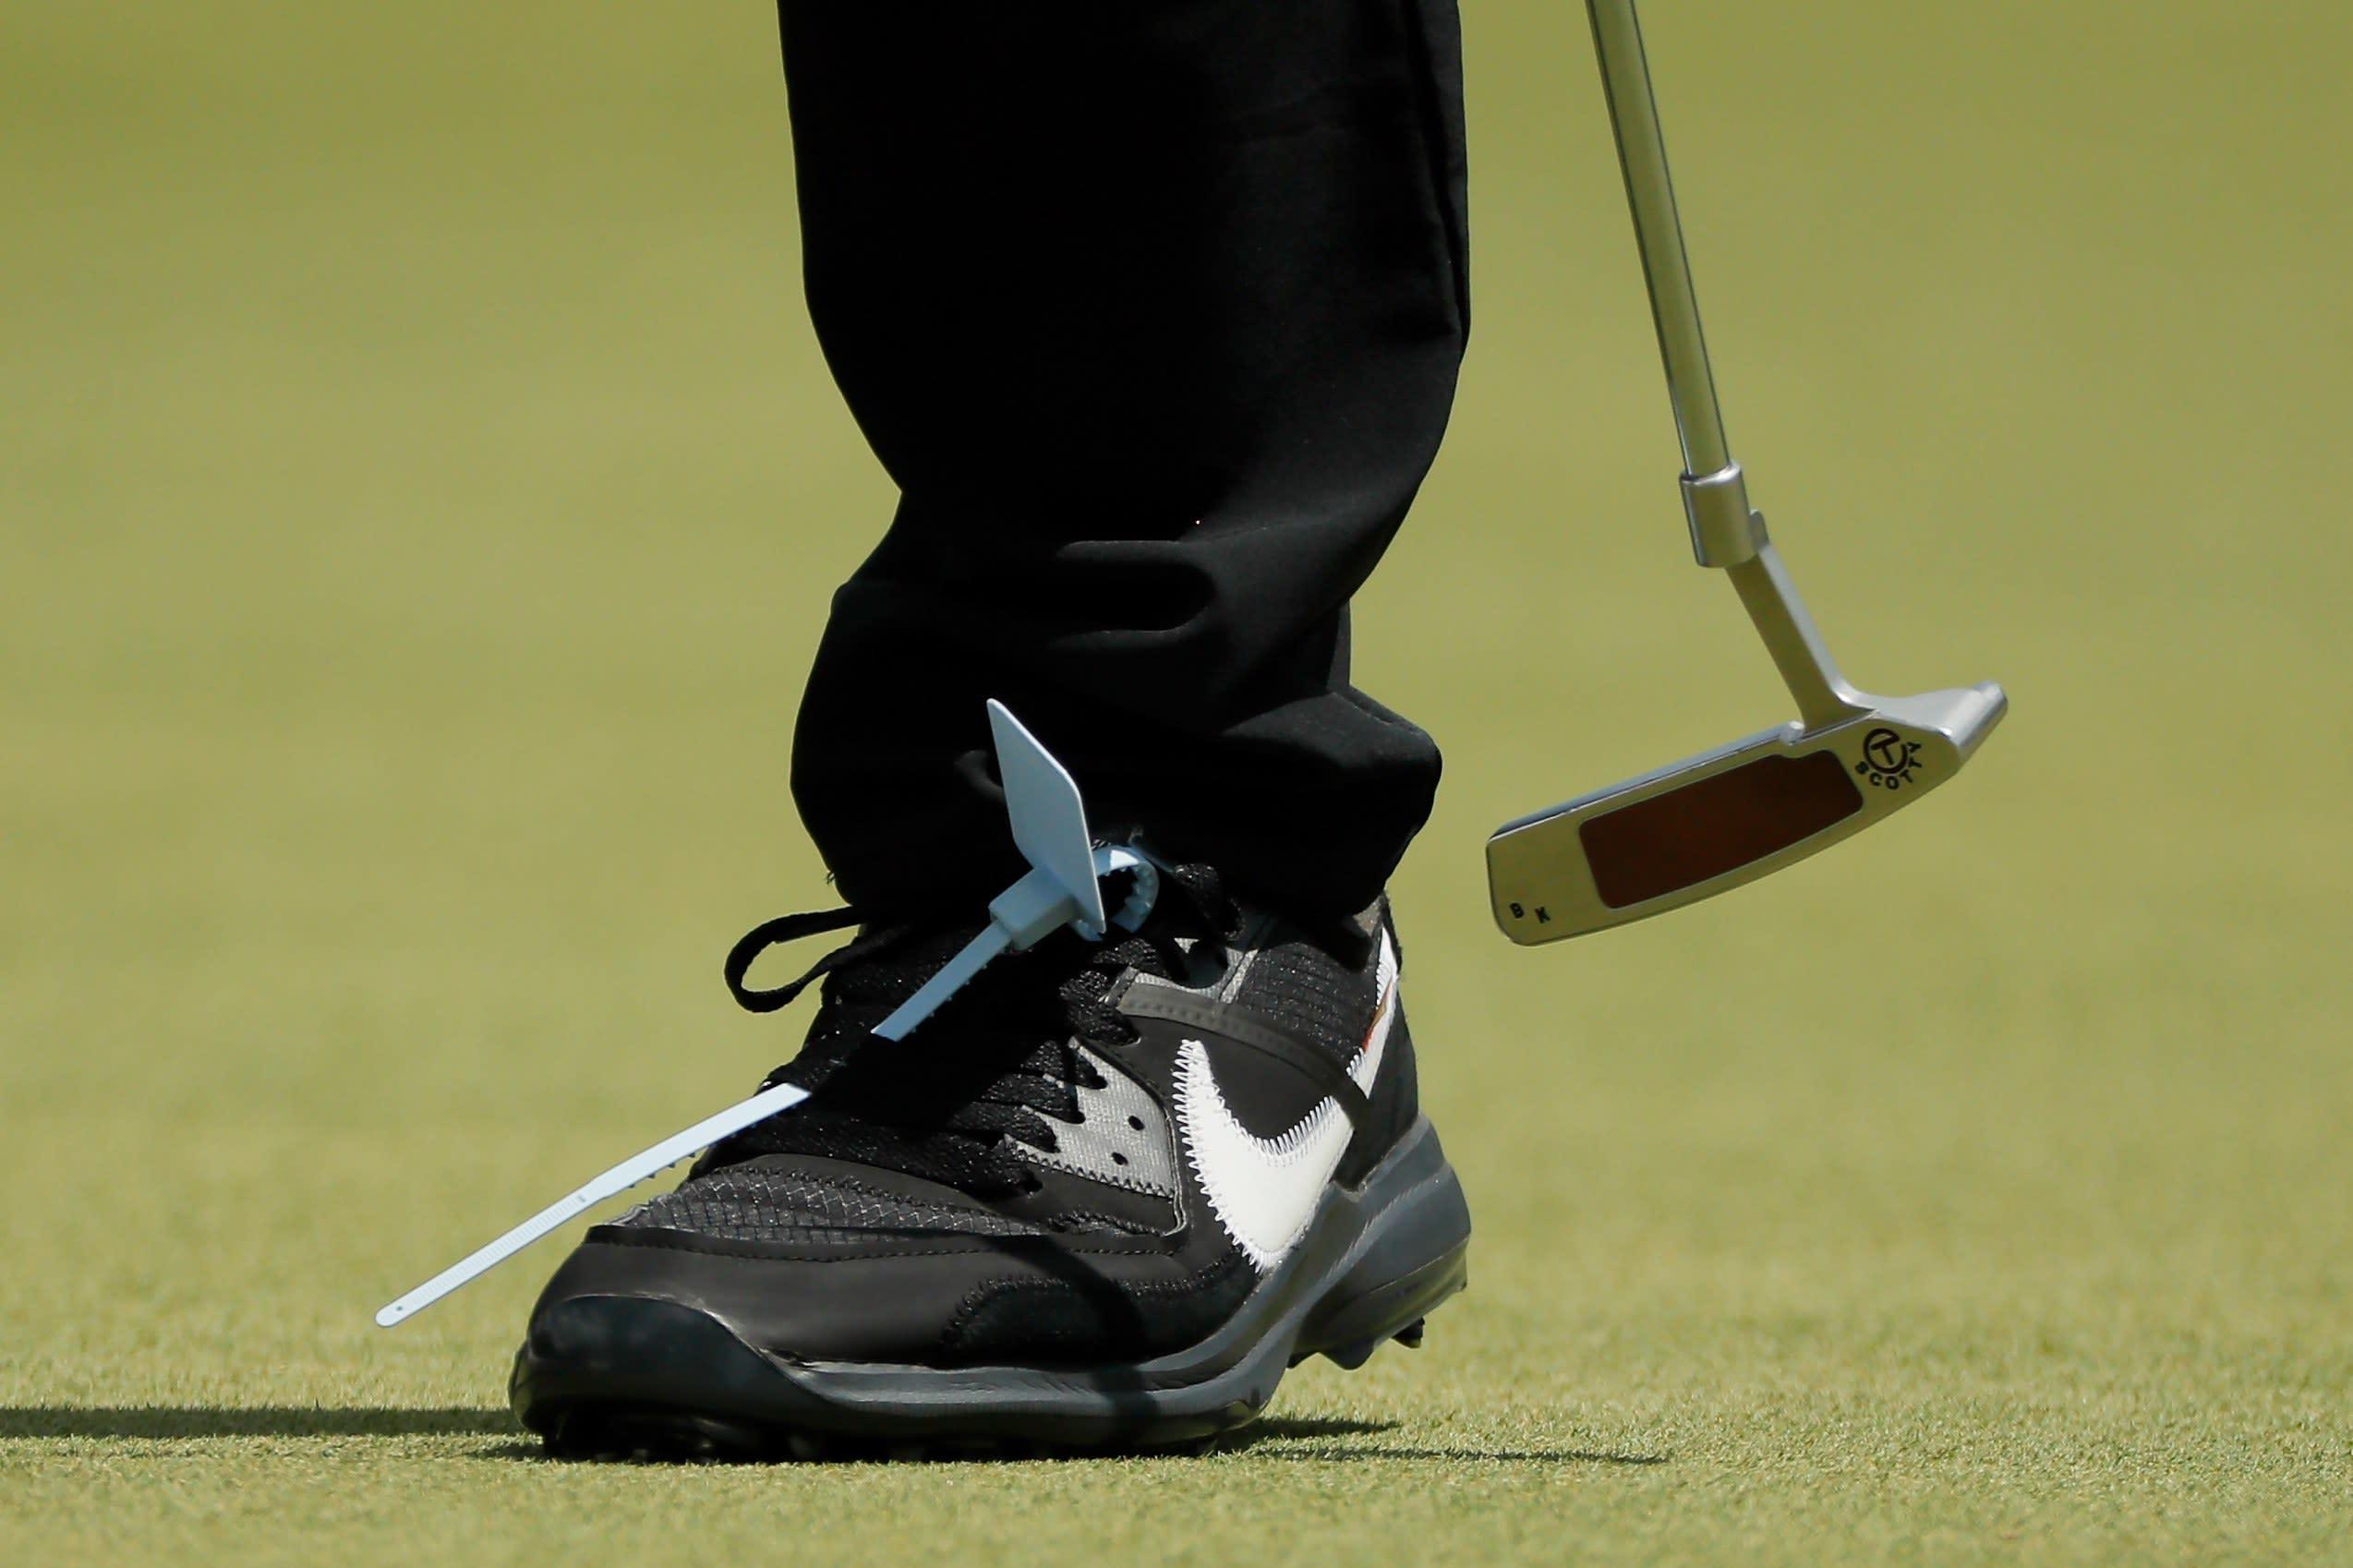 brooks koepka nike golf shoes